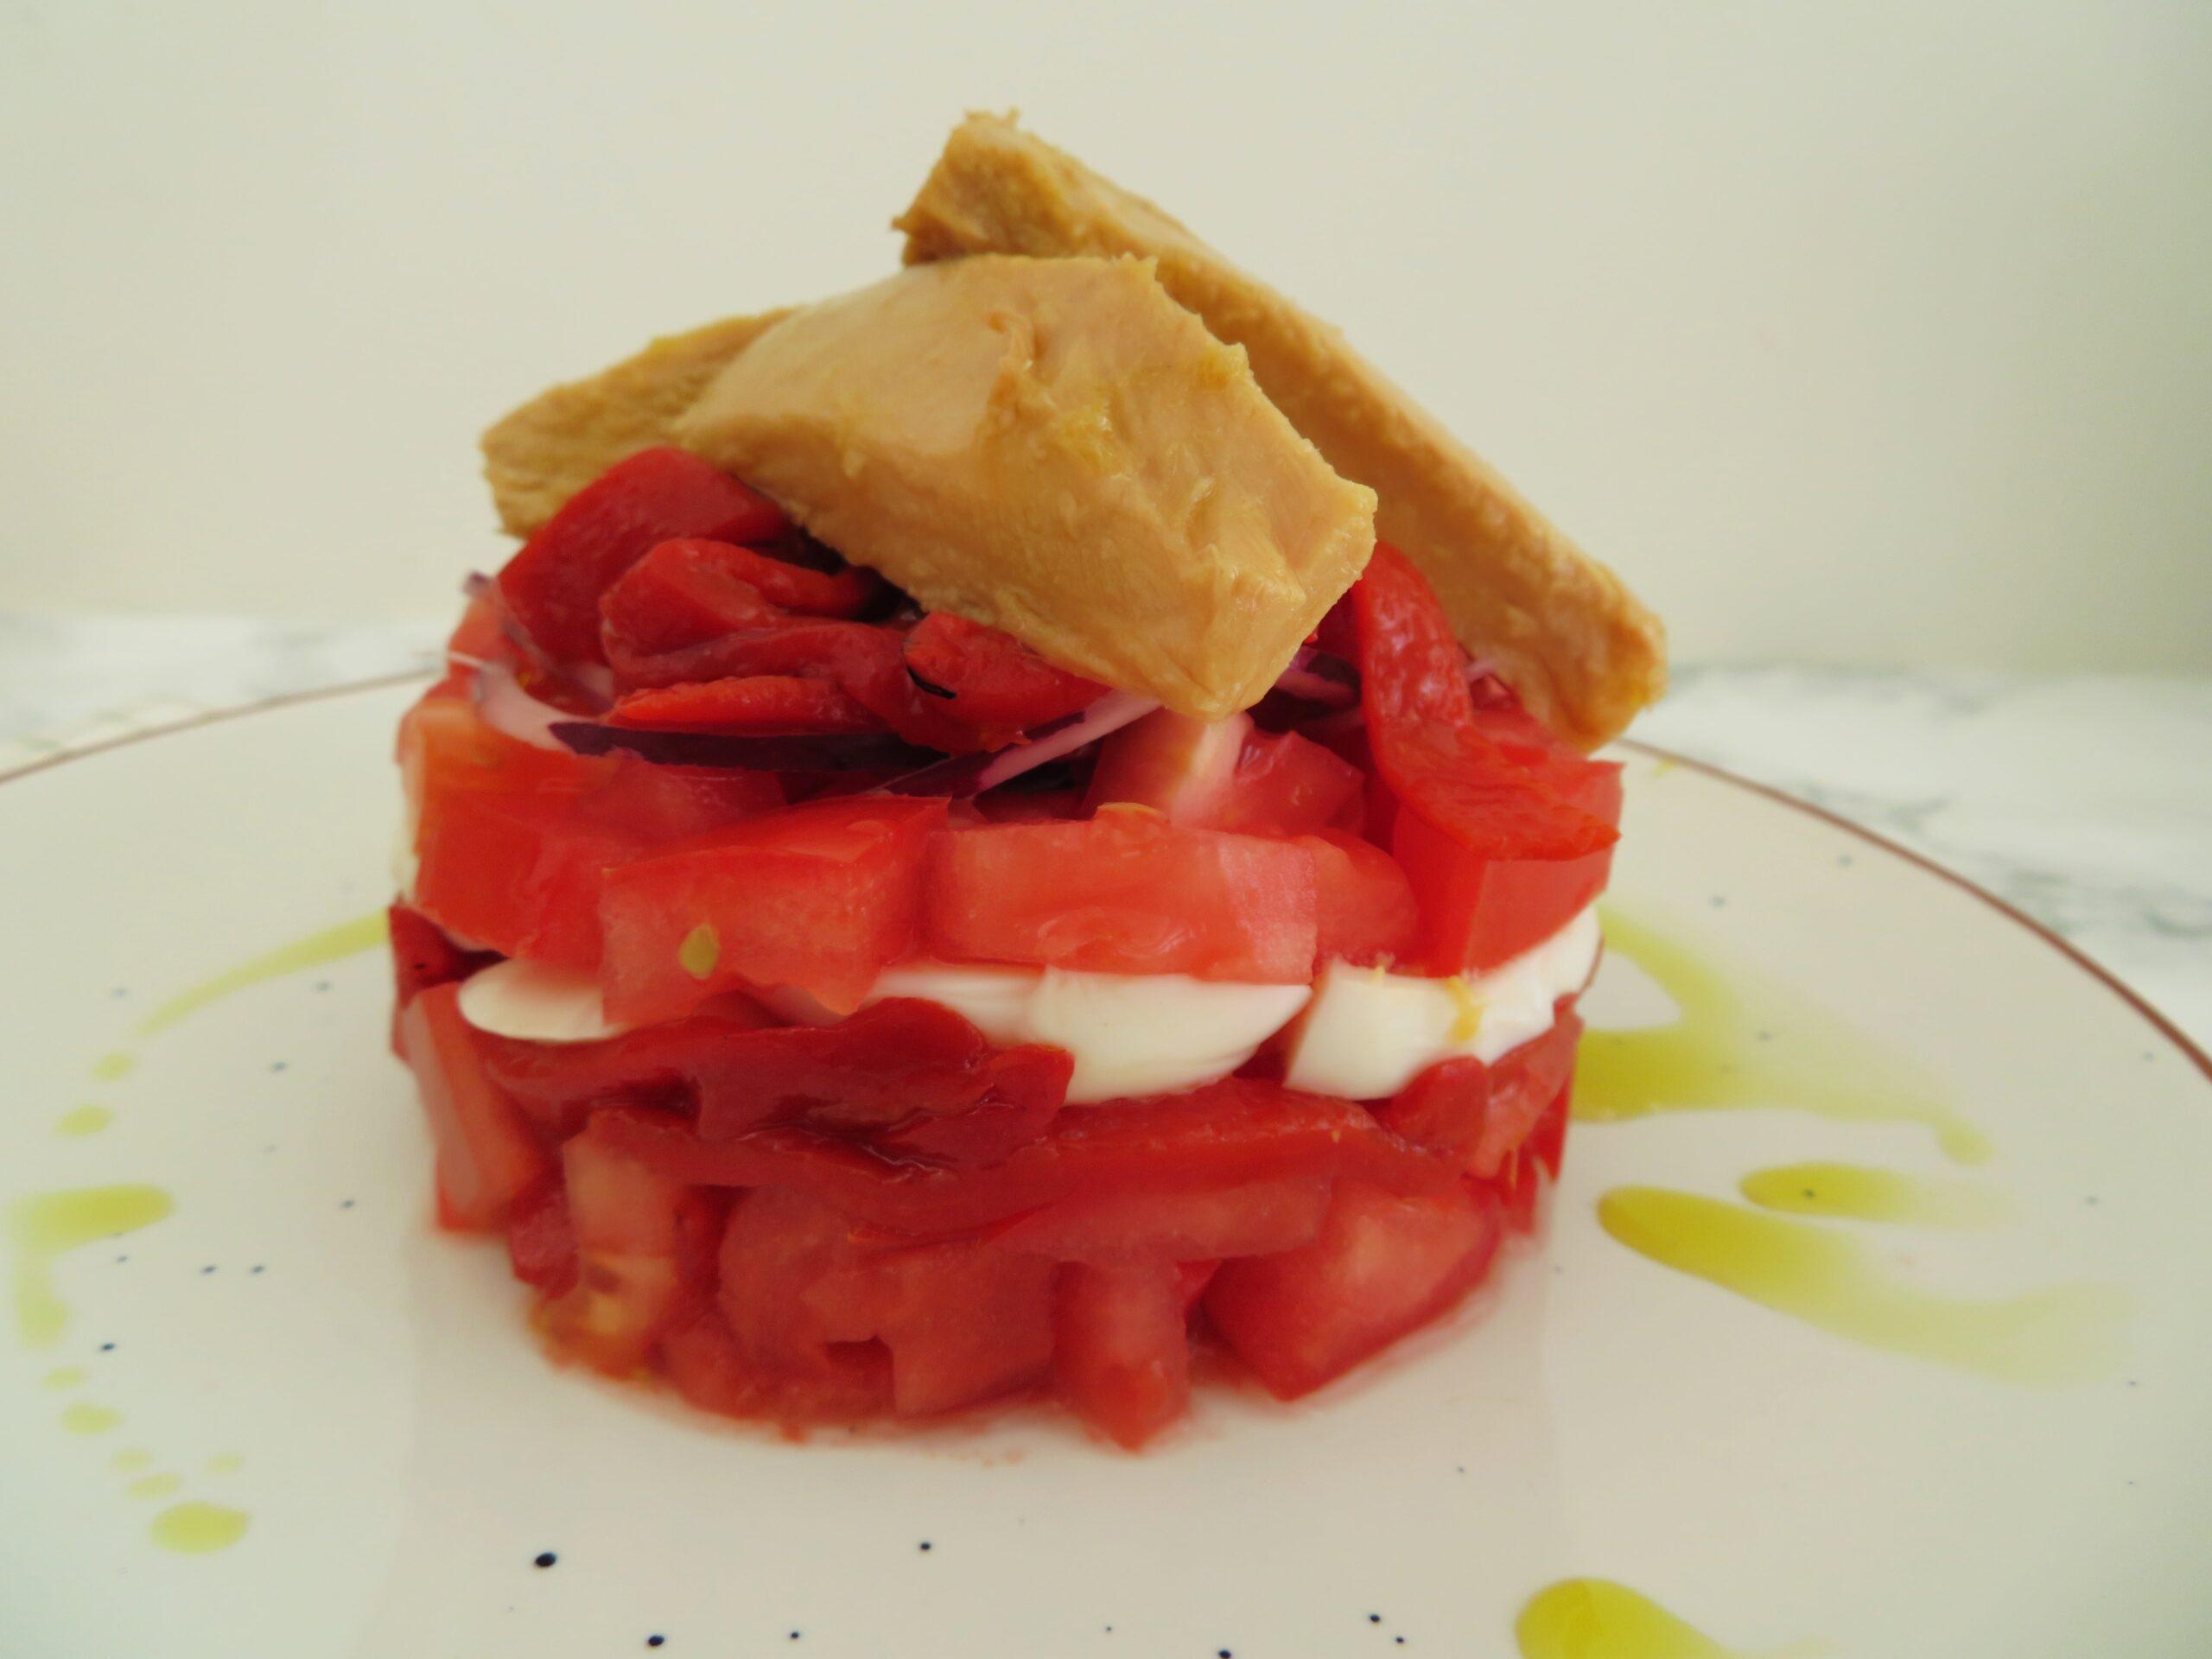 Bonito tomato piquillo salad - ensalada de bonito tomate piquillos